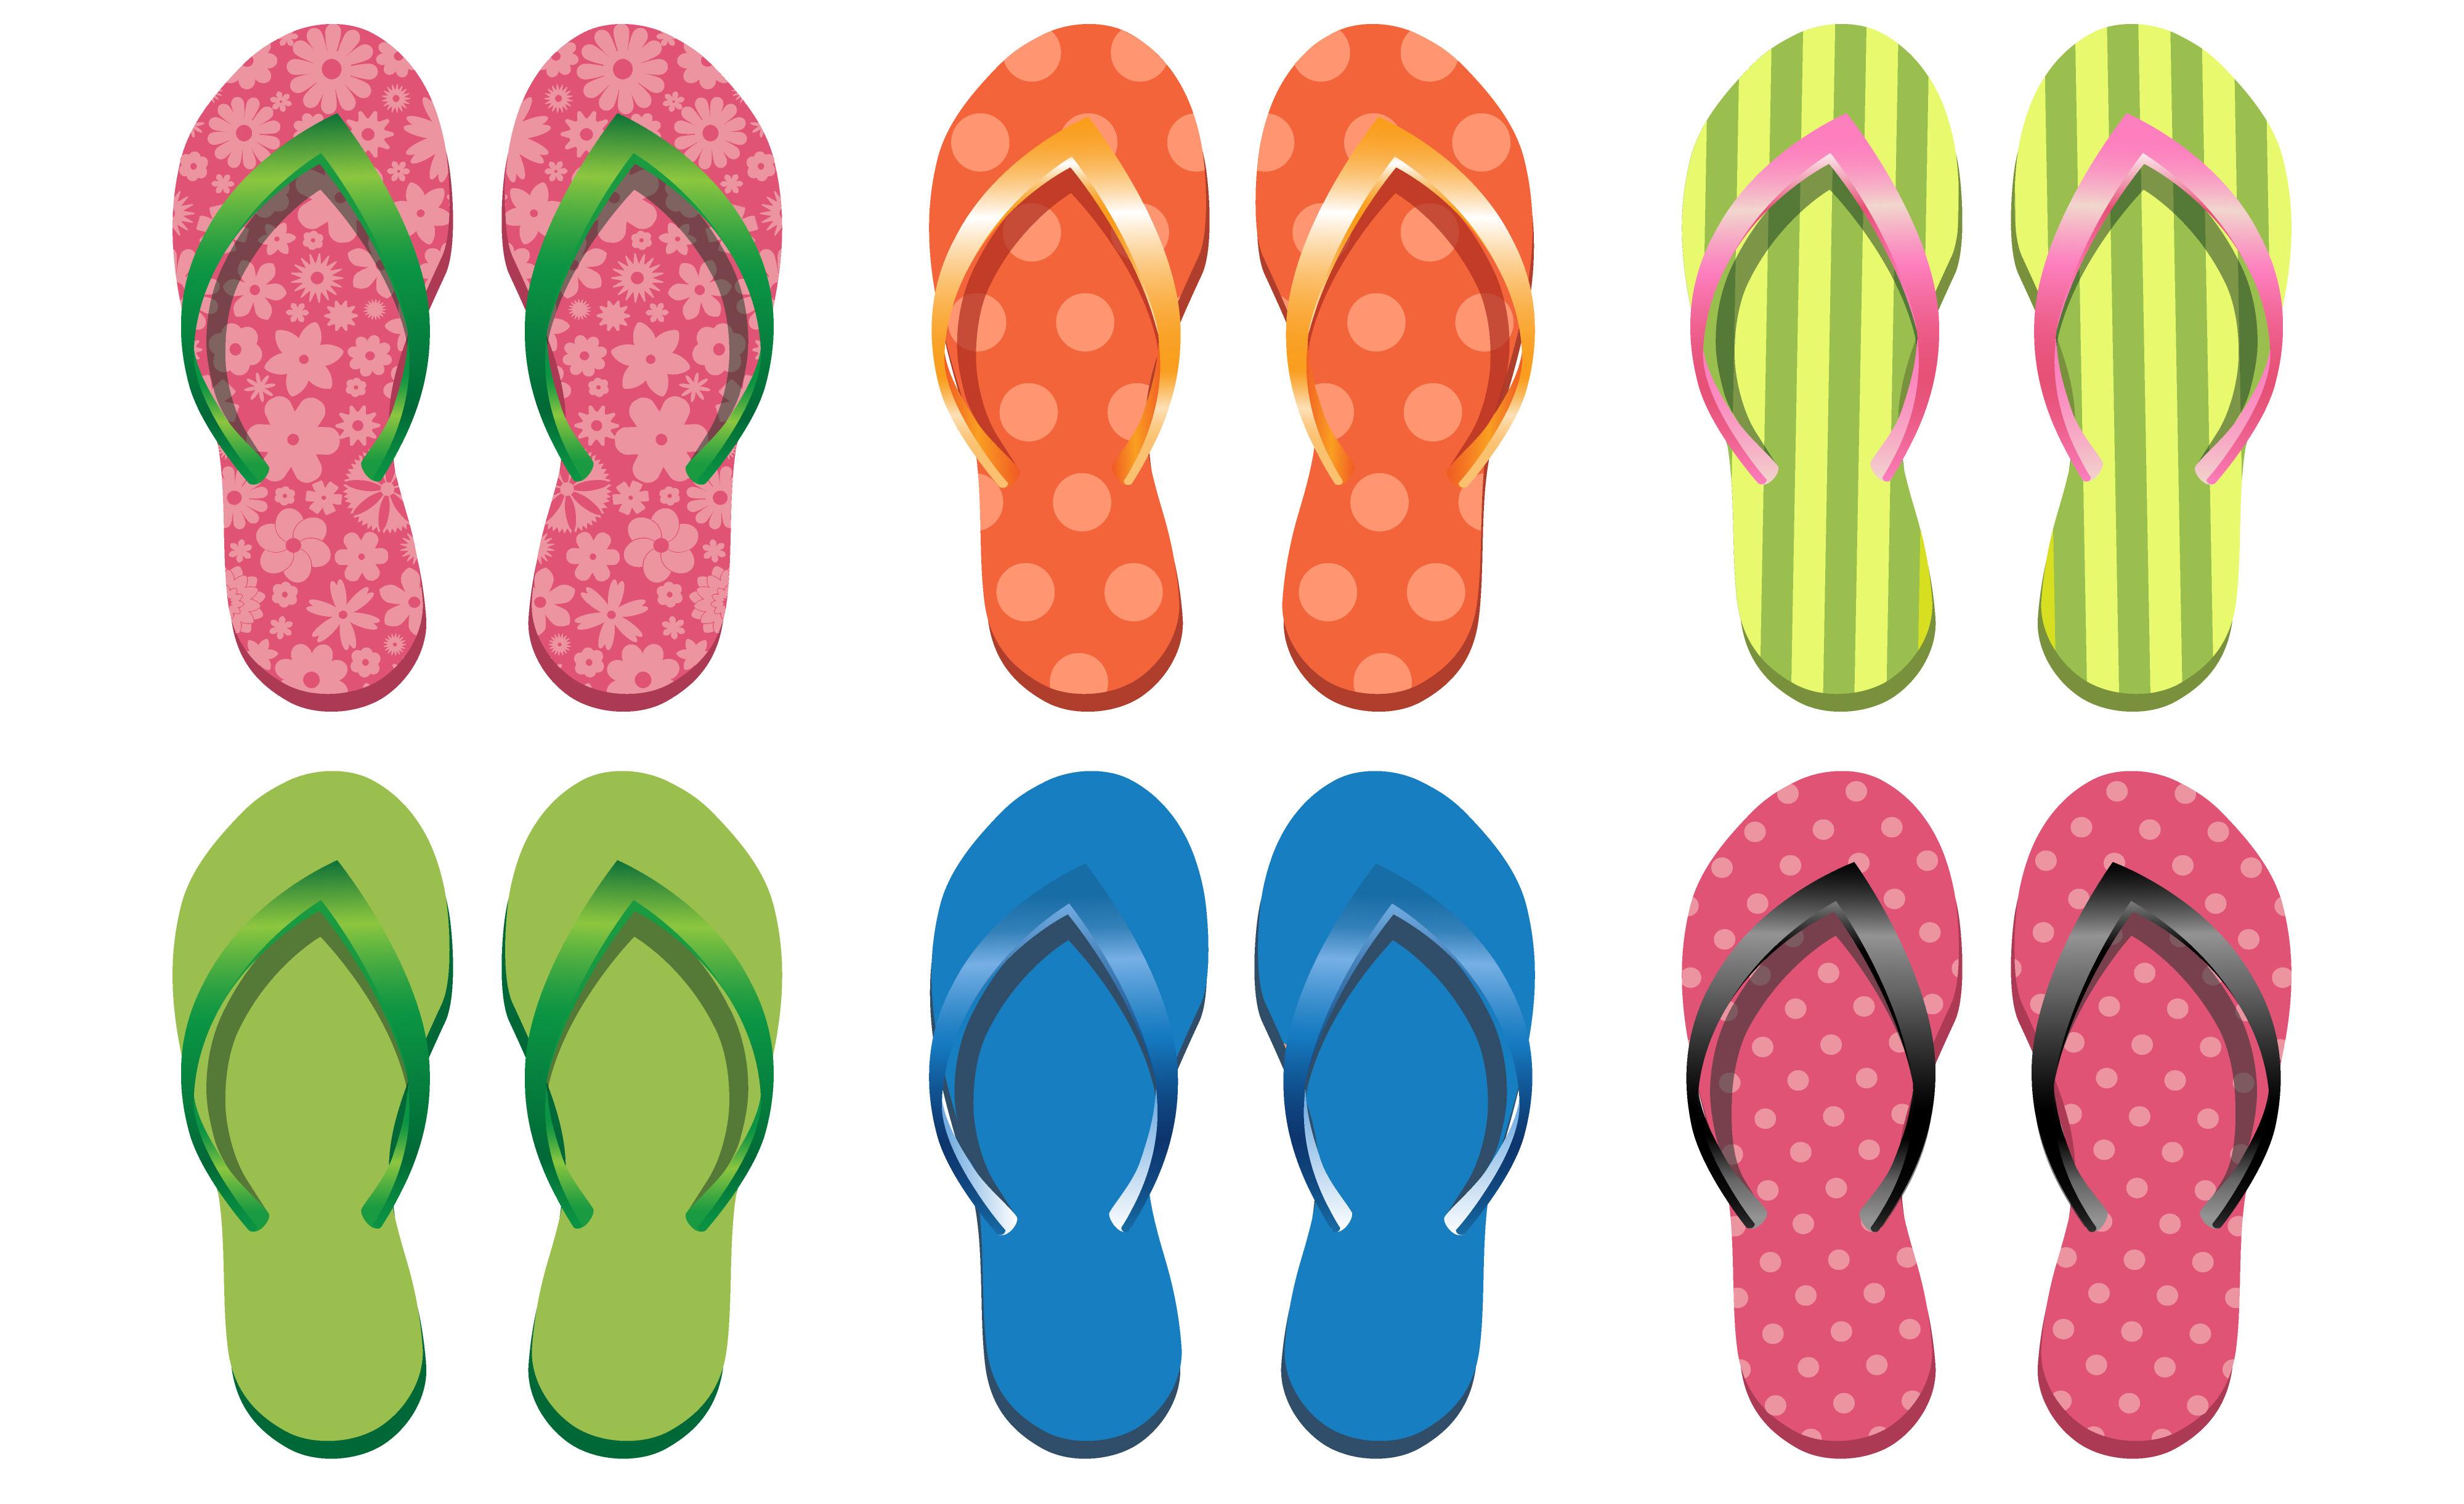 04-7 Хөл балладаг 8 төрлийн гутал